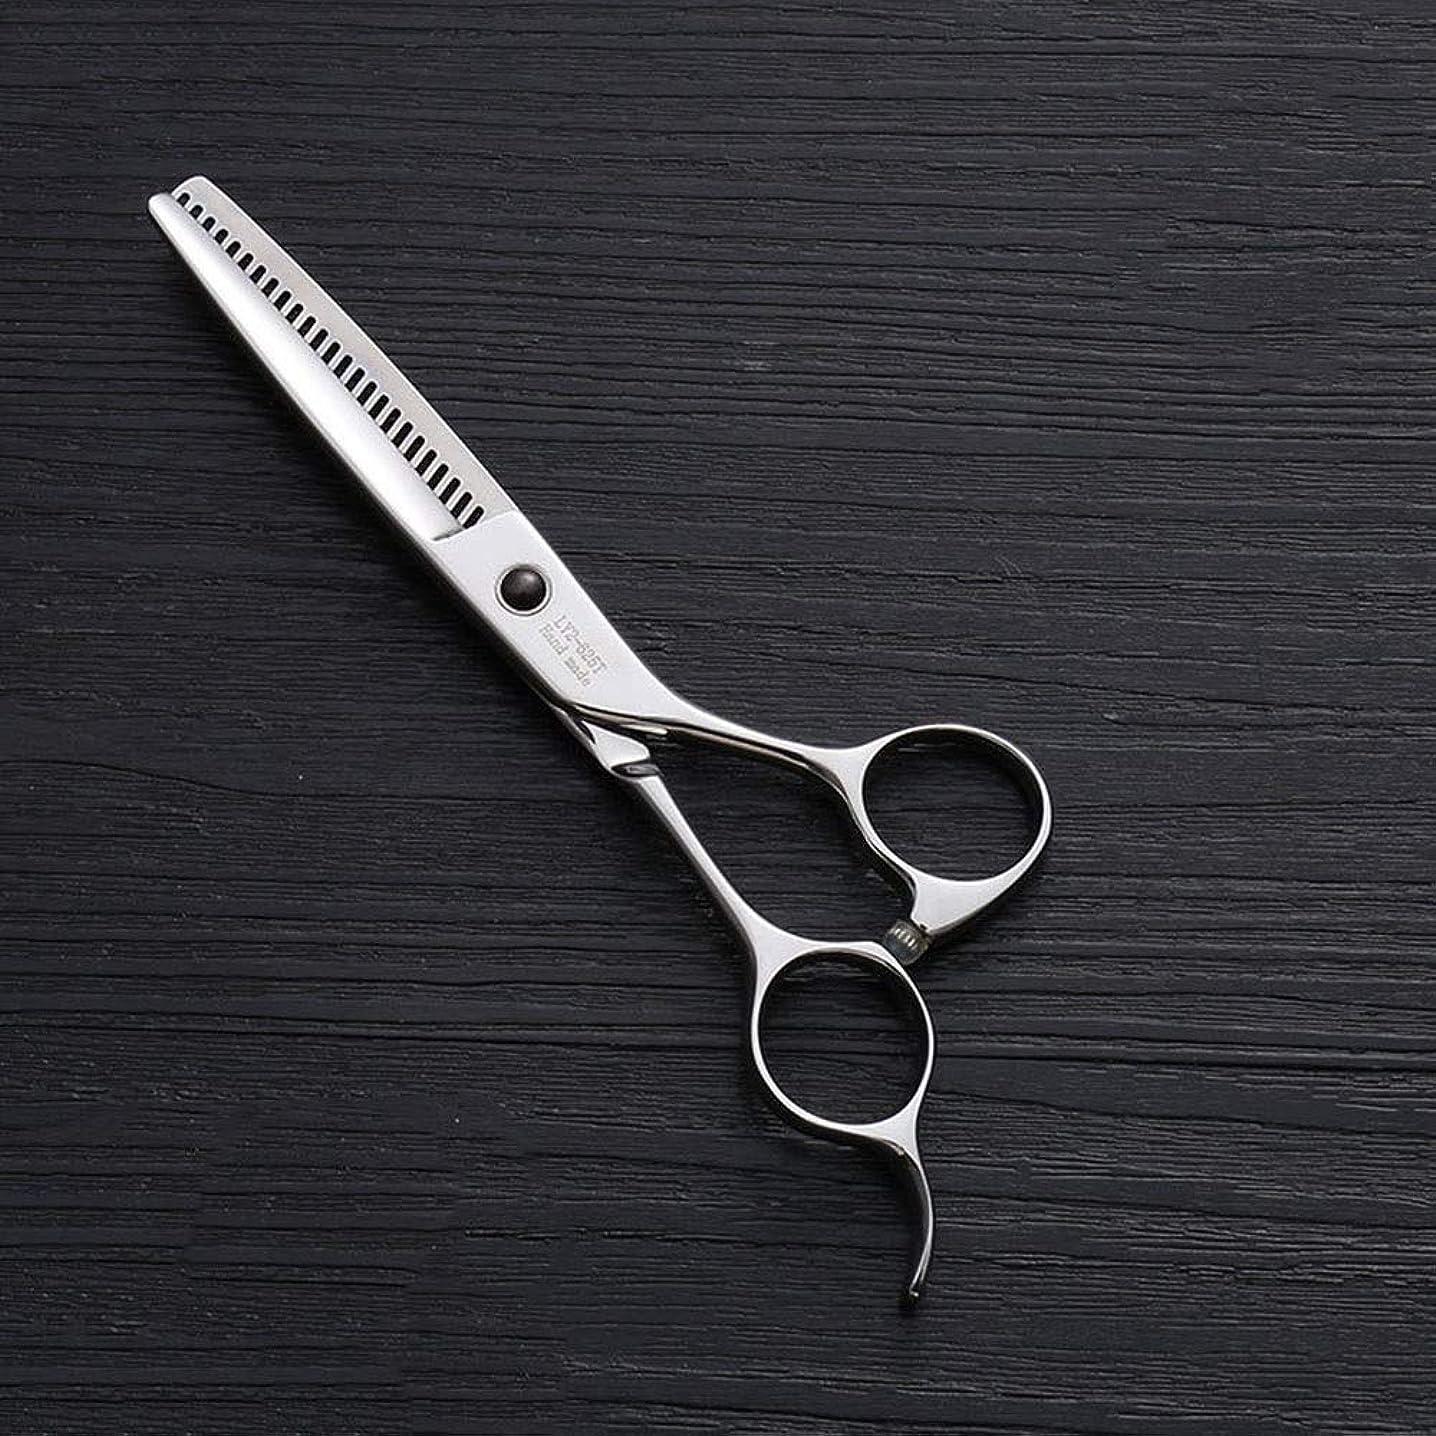 デンマークスロット別々に440Cステンレス鋼ハイエンドヘアカットツール、25歯T型6インチ美容院プロフェッショナル理髪はさみ モデリングツール (色 : Silver)